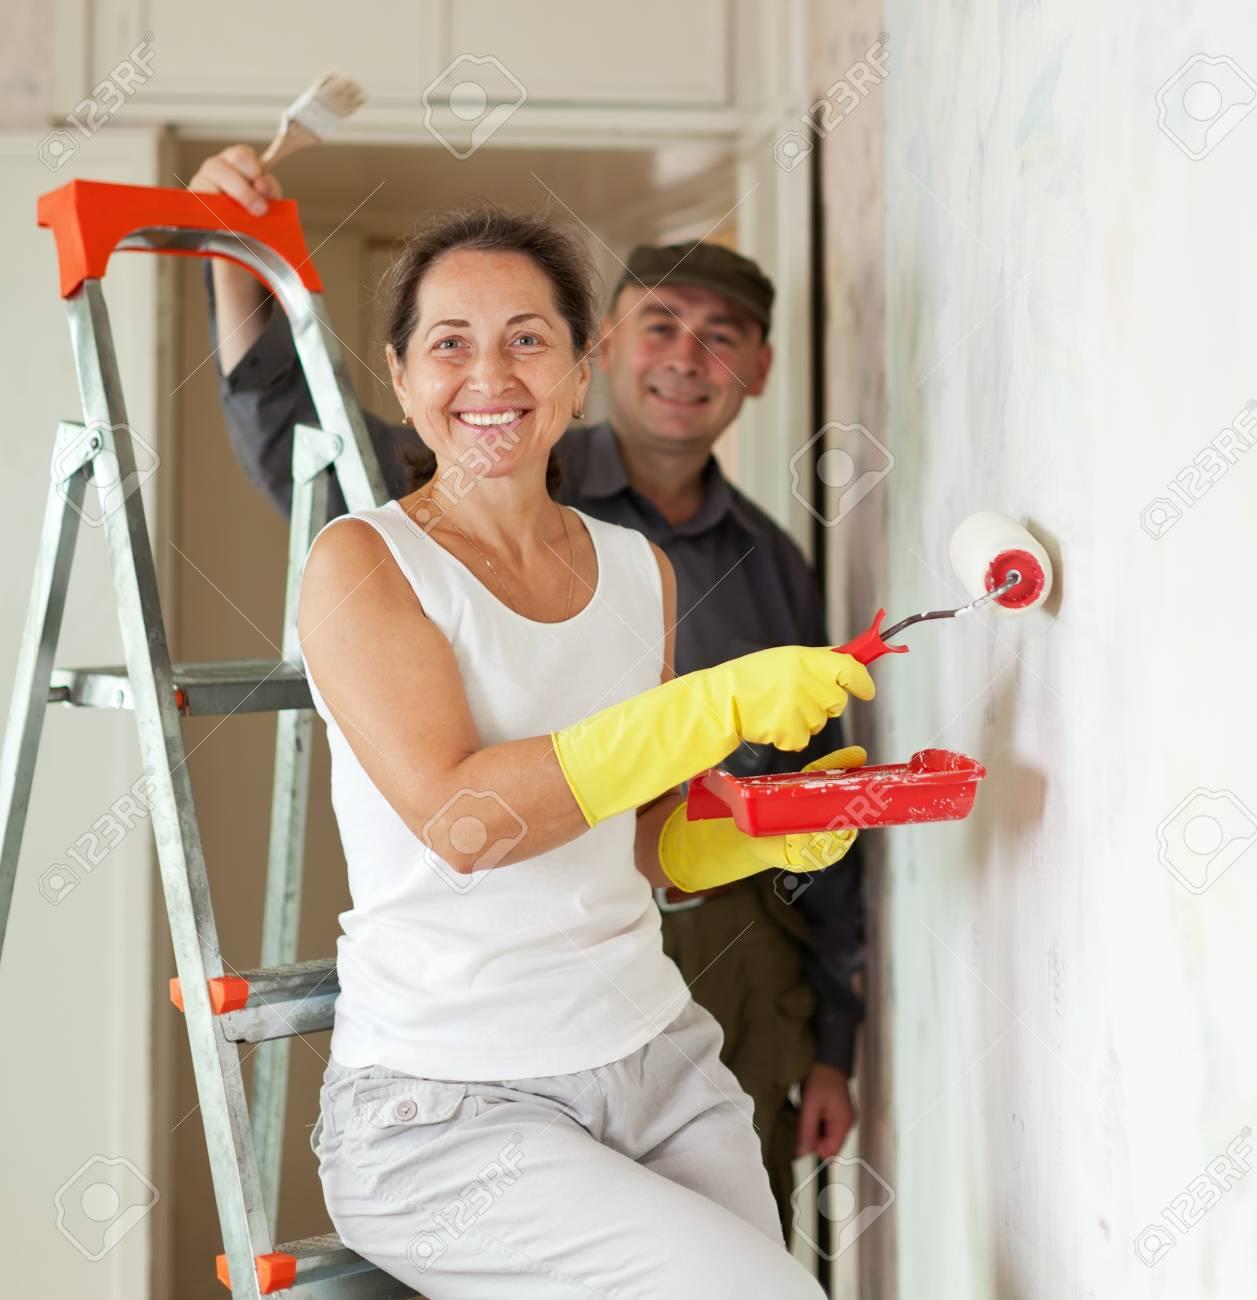 Mature woman and man making repairs at home Stock Photo - 16545542